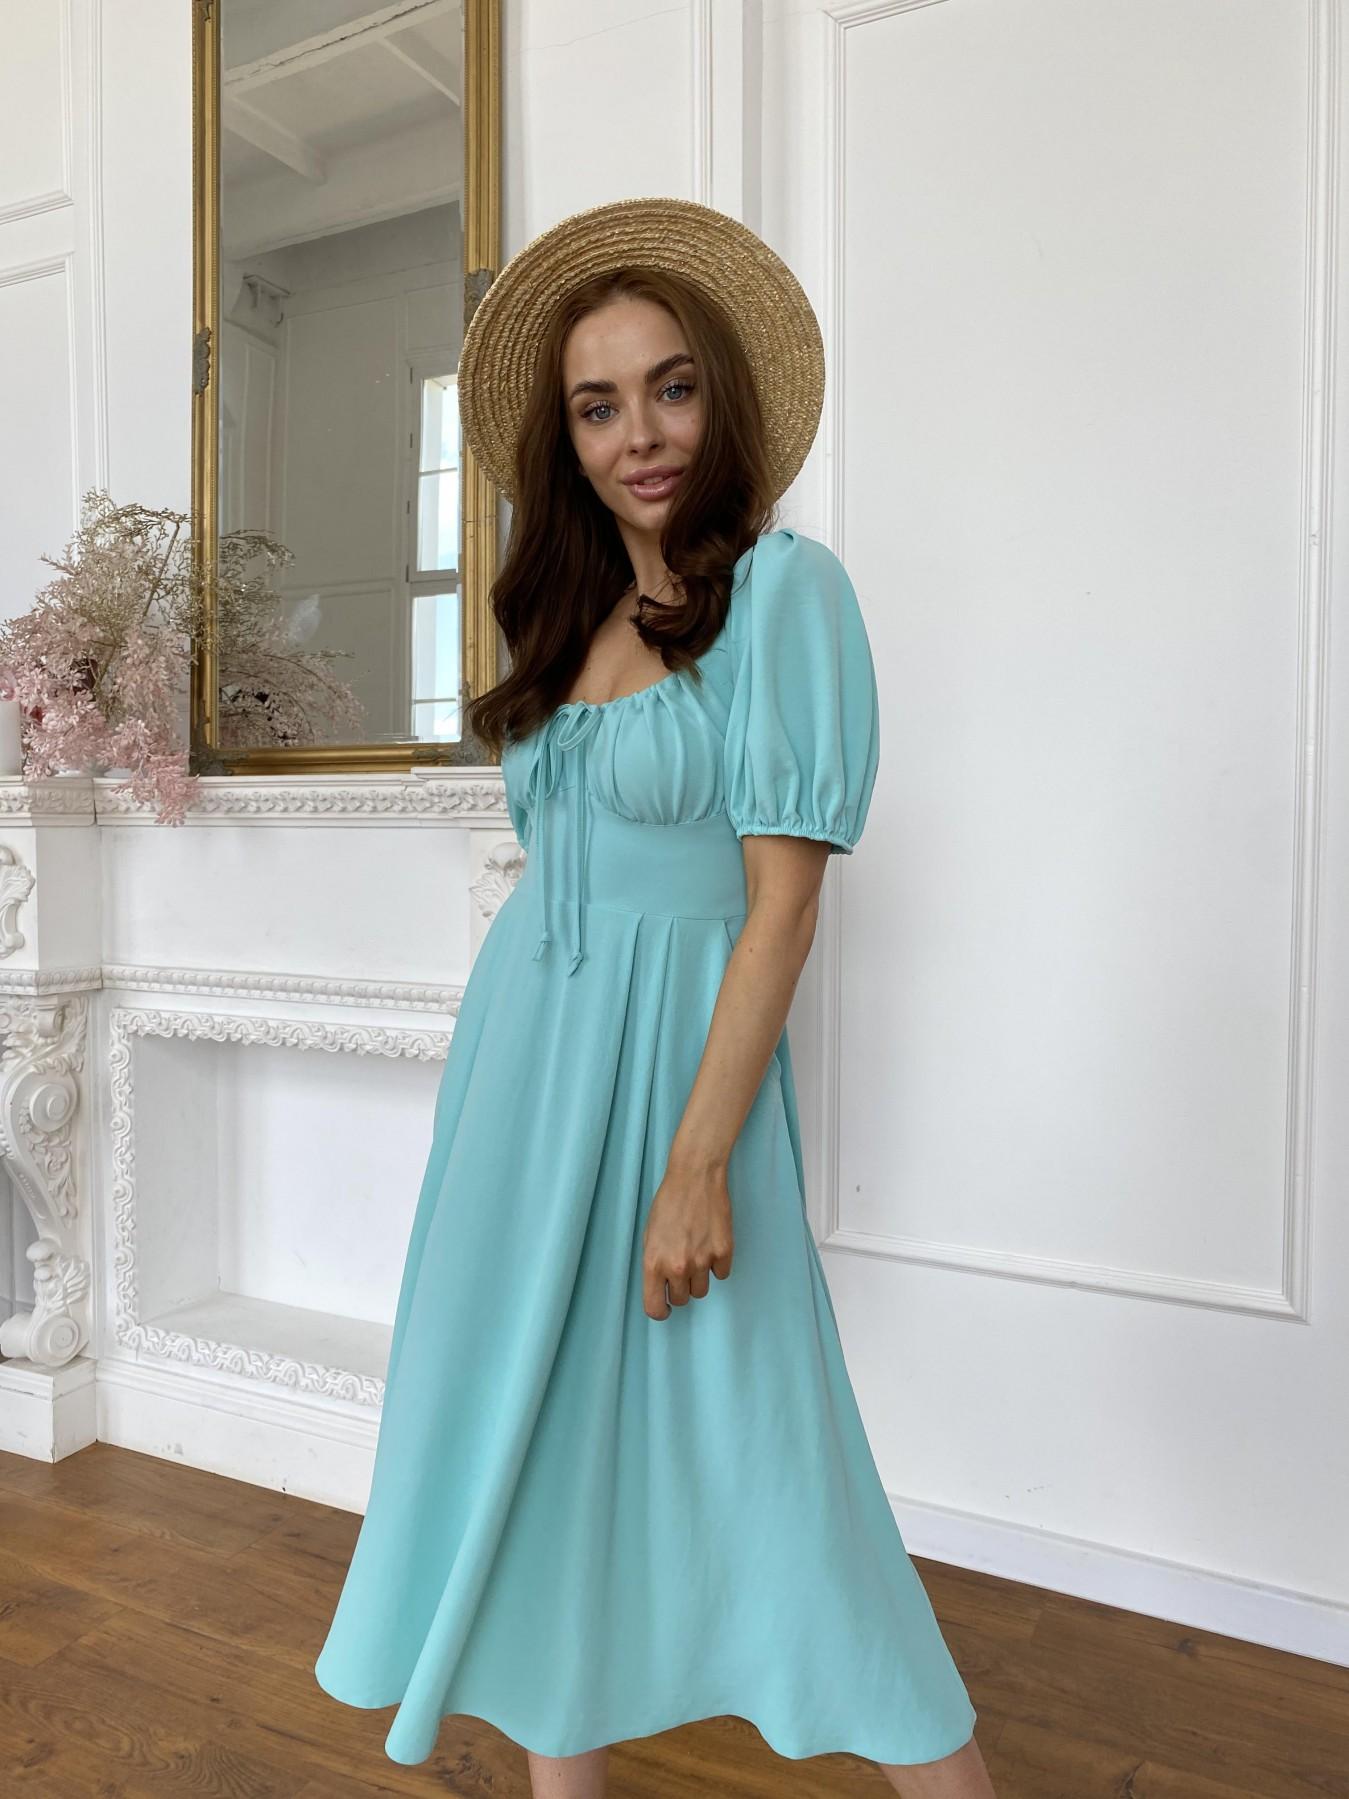 Кисес Миди платье из крепа х/б стрейч 11577 АРТ. 48254 Цвет: Мята - фото 4, интернет магазин tm-modus.ru